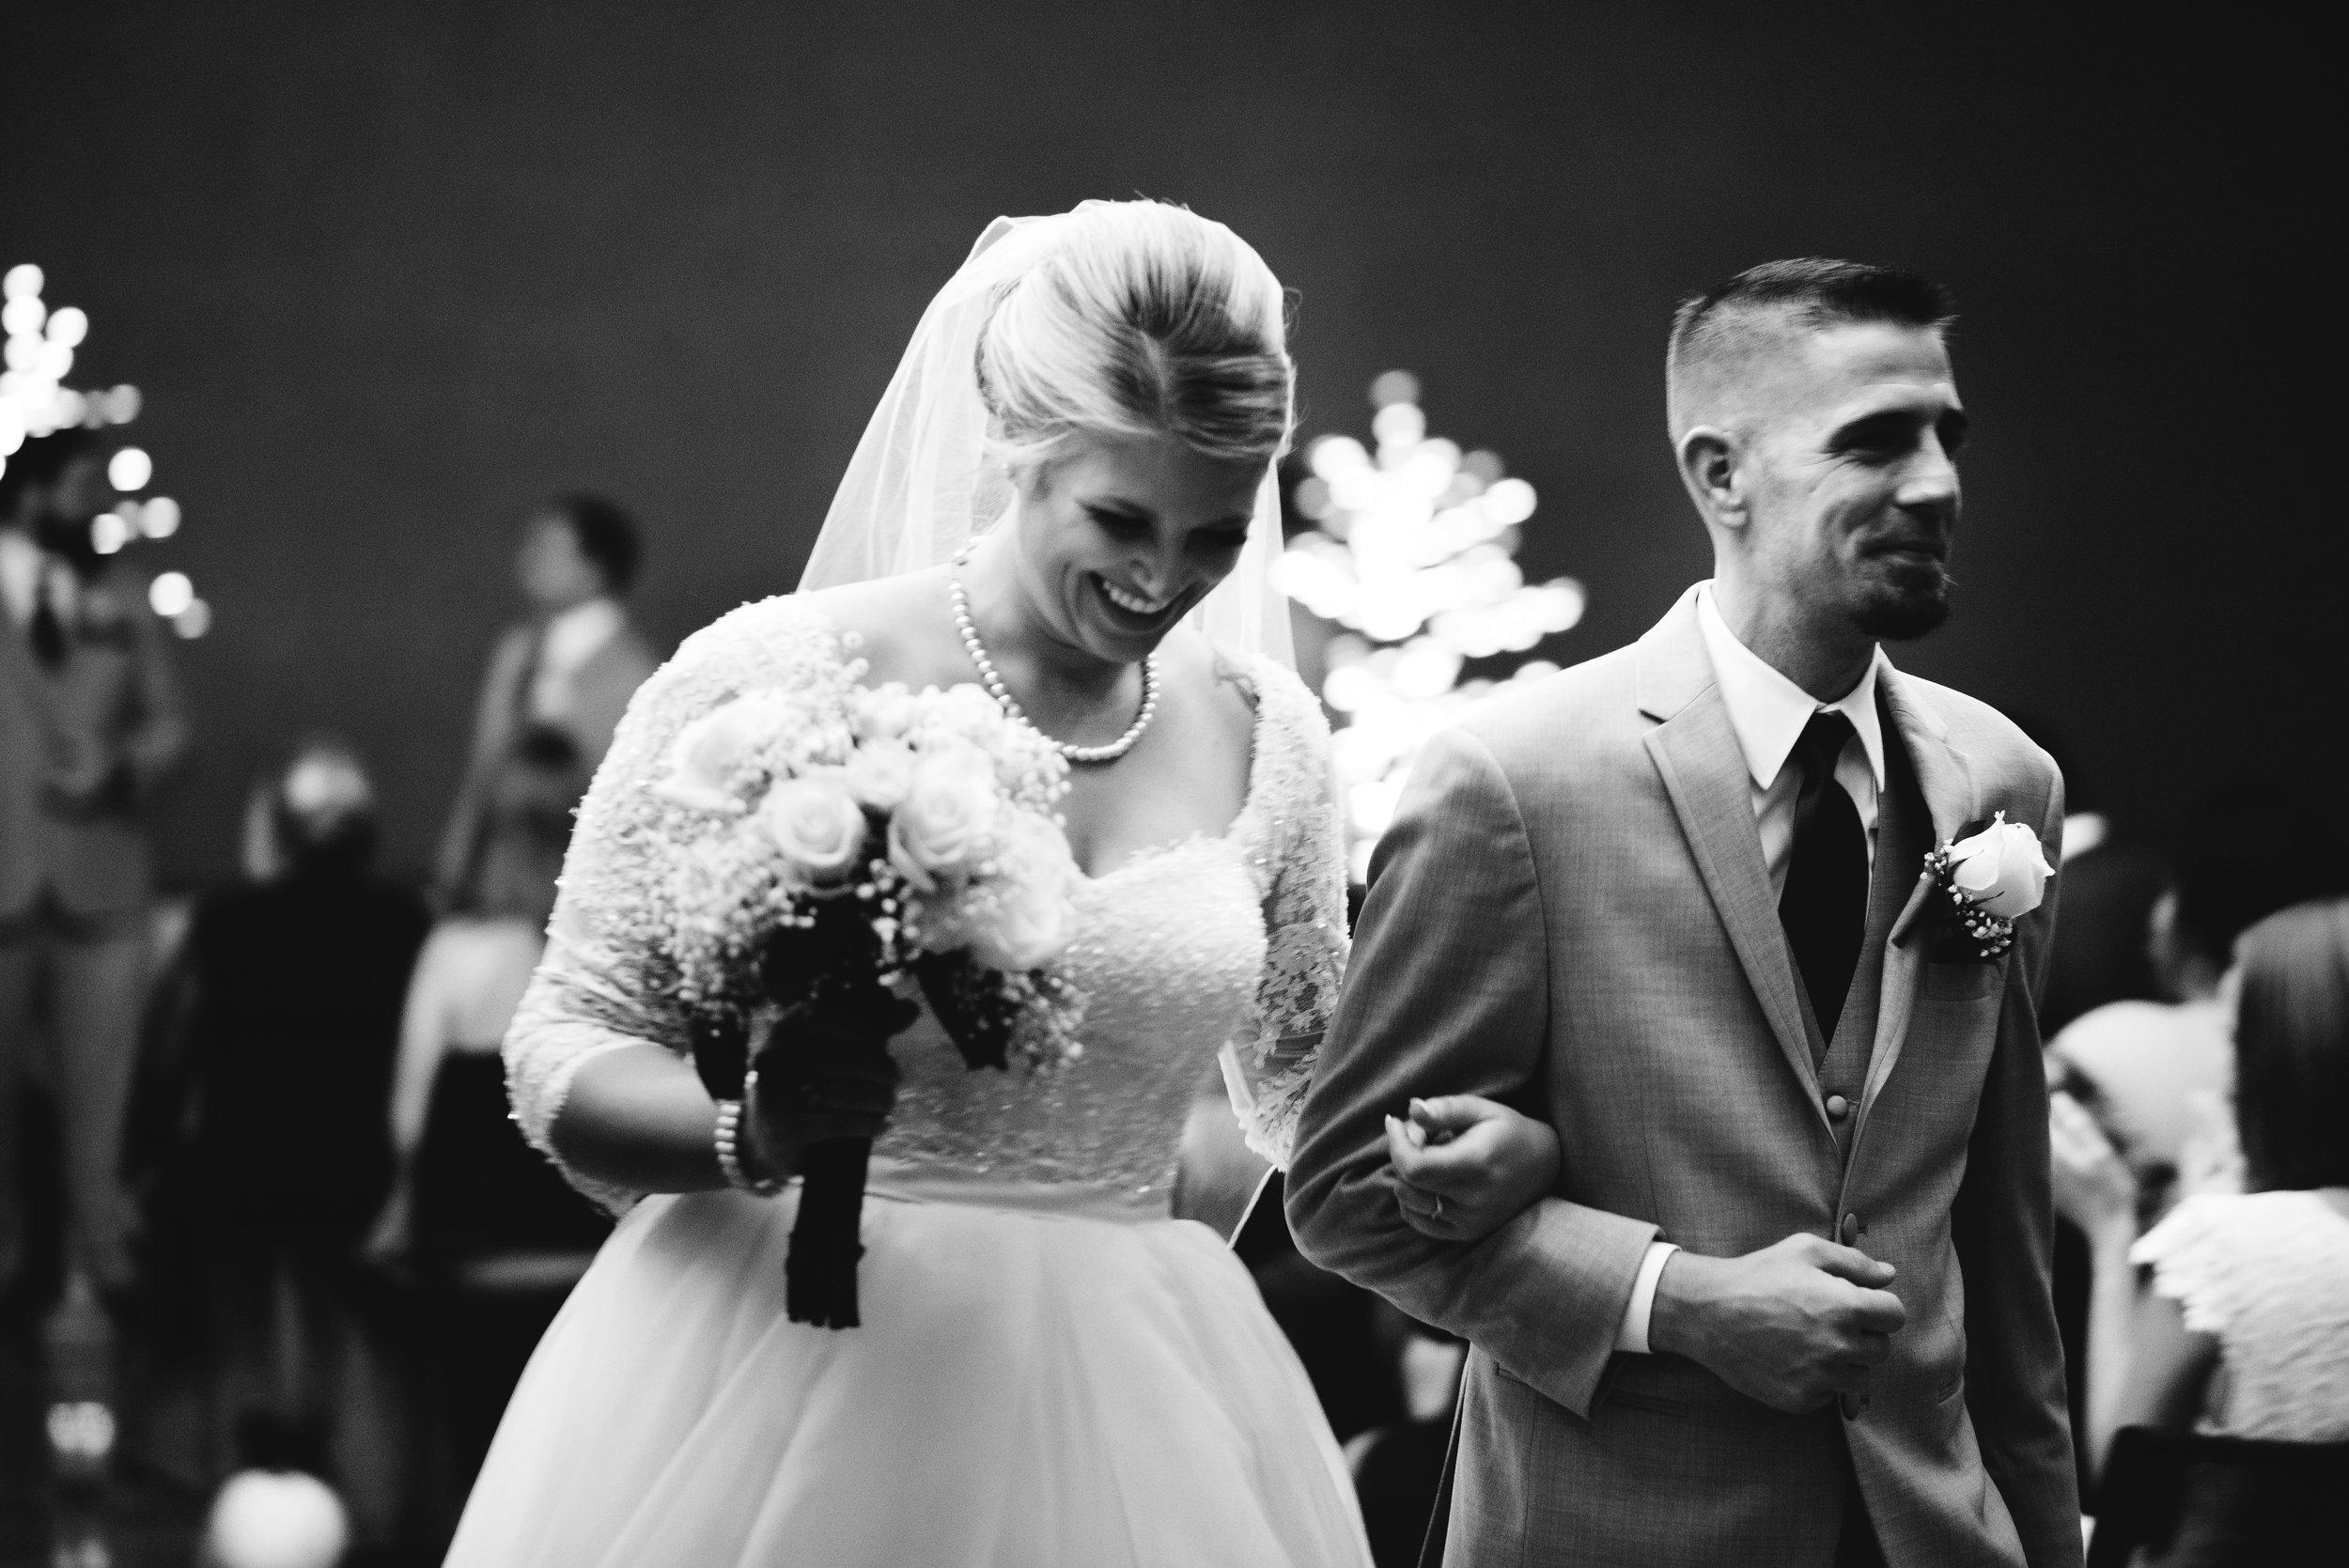 King-Northern-Illinois-University-Wedding081.jpg